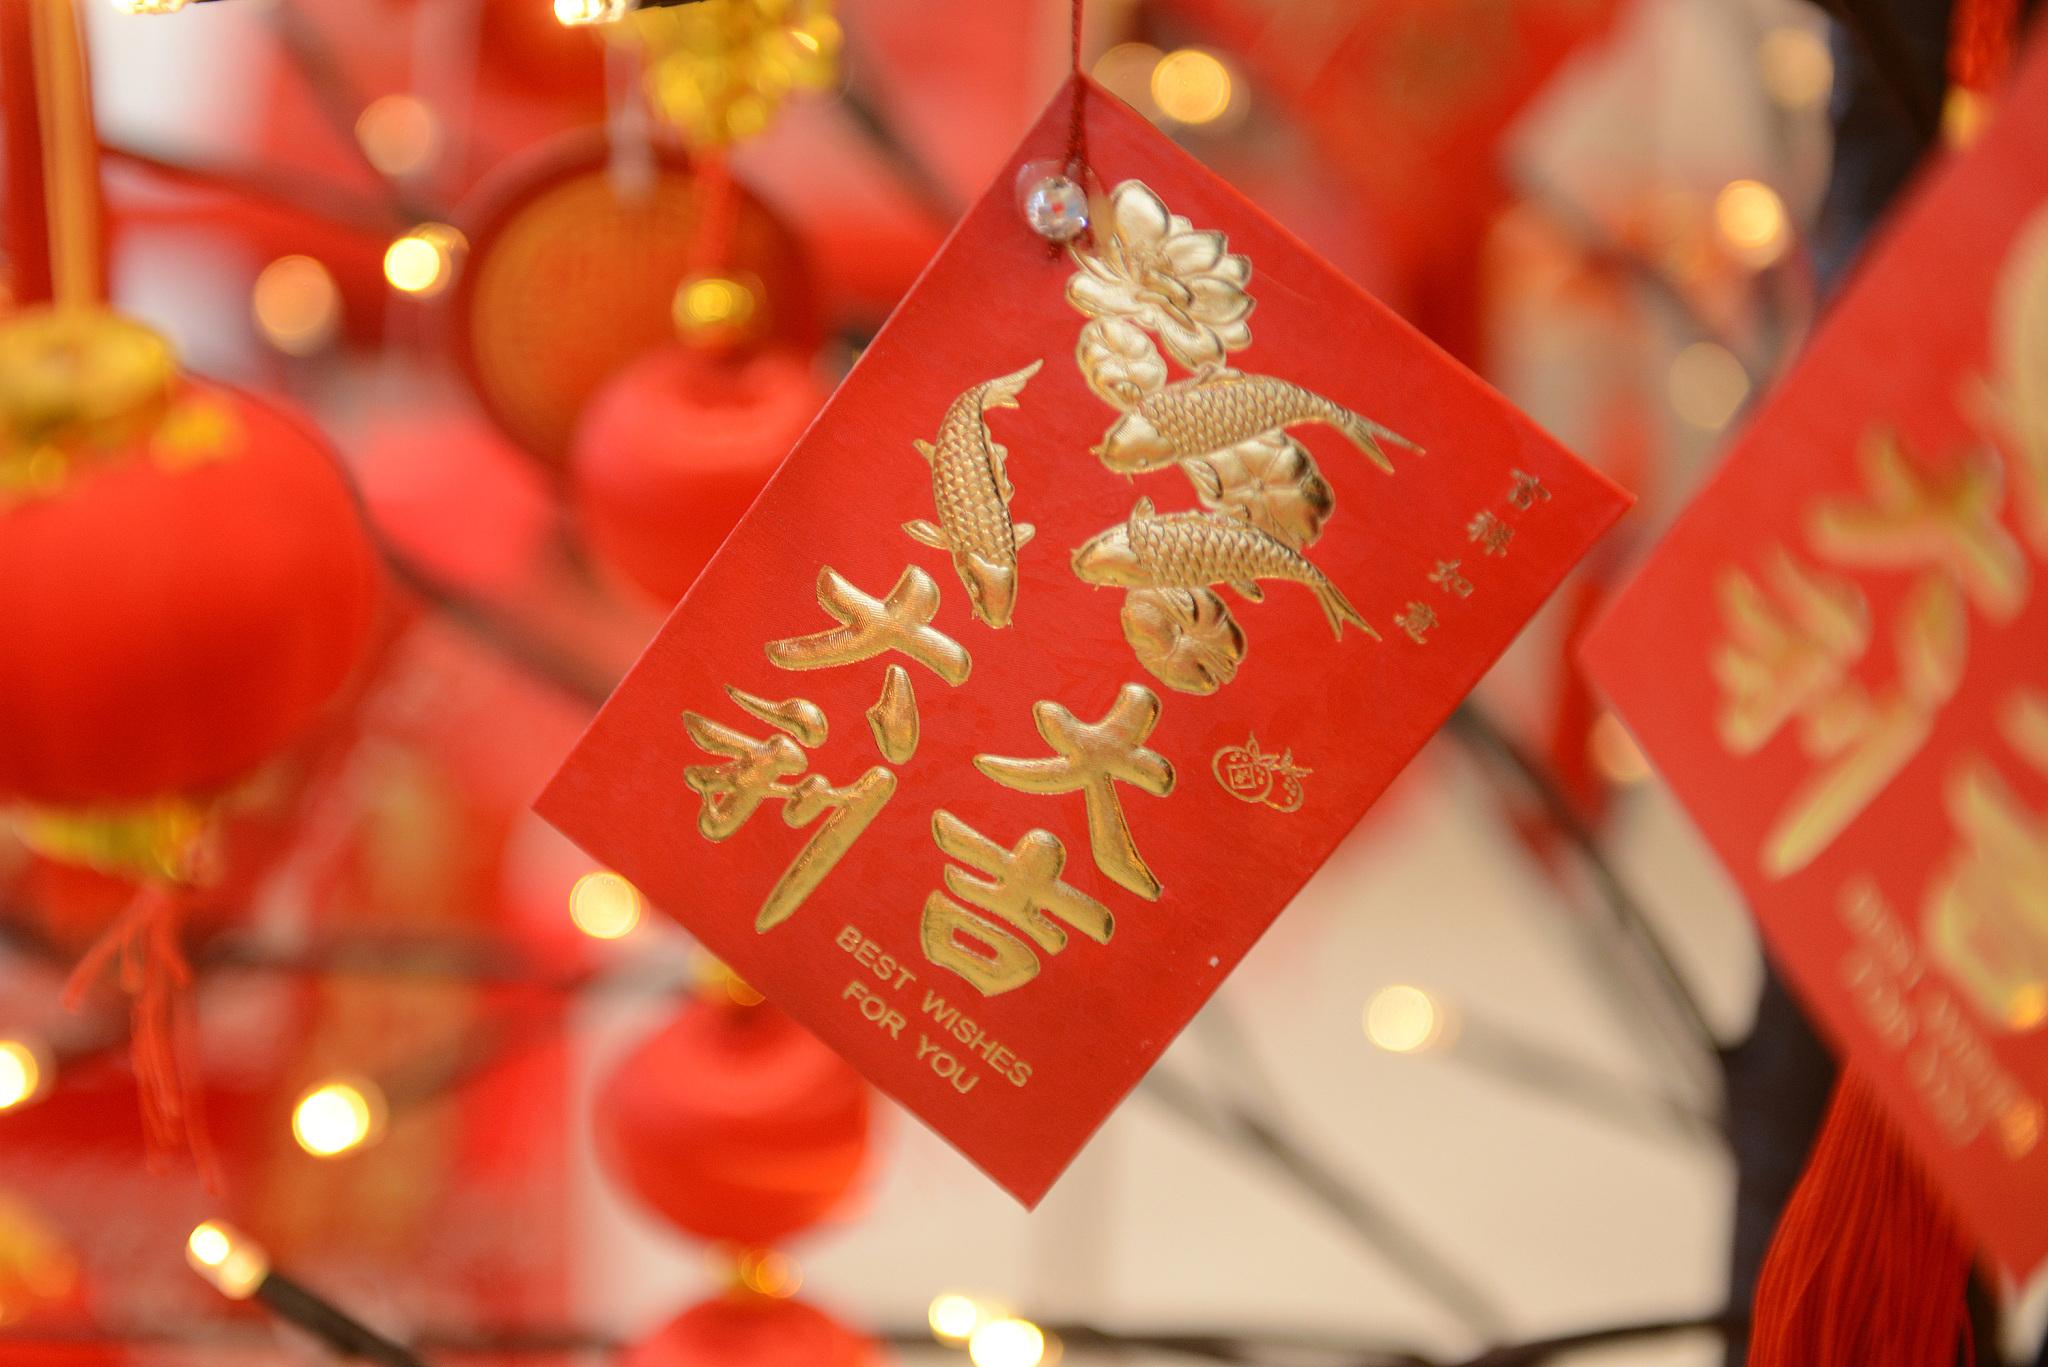 中国红包地图:福建莆田五位数并不稀奇,广东50元封顶 红包中国